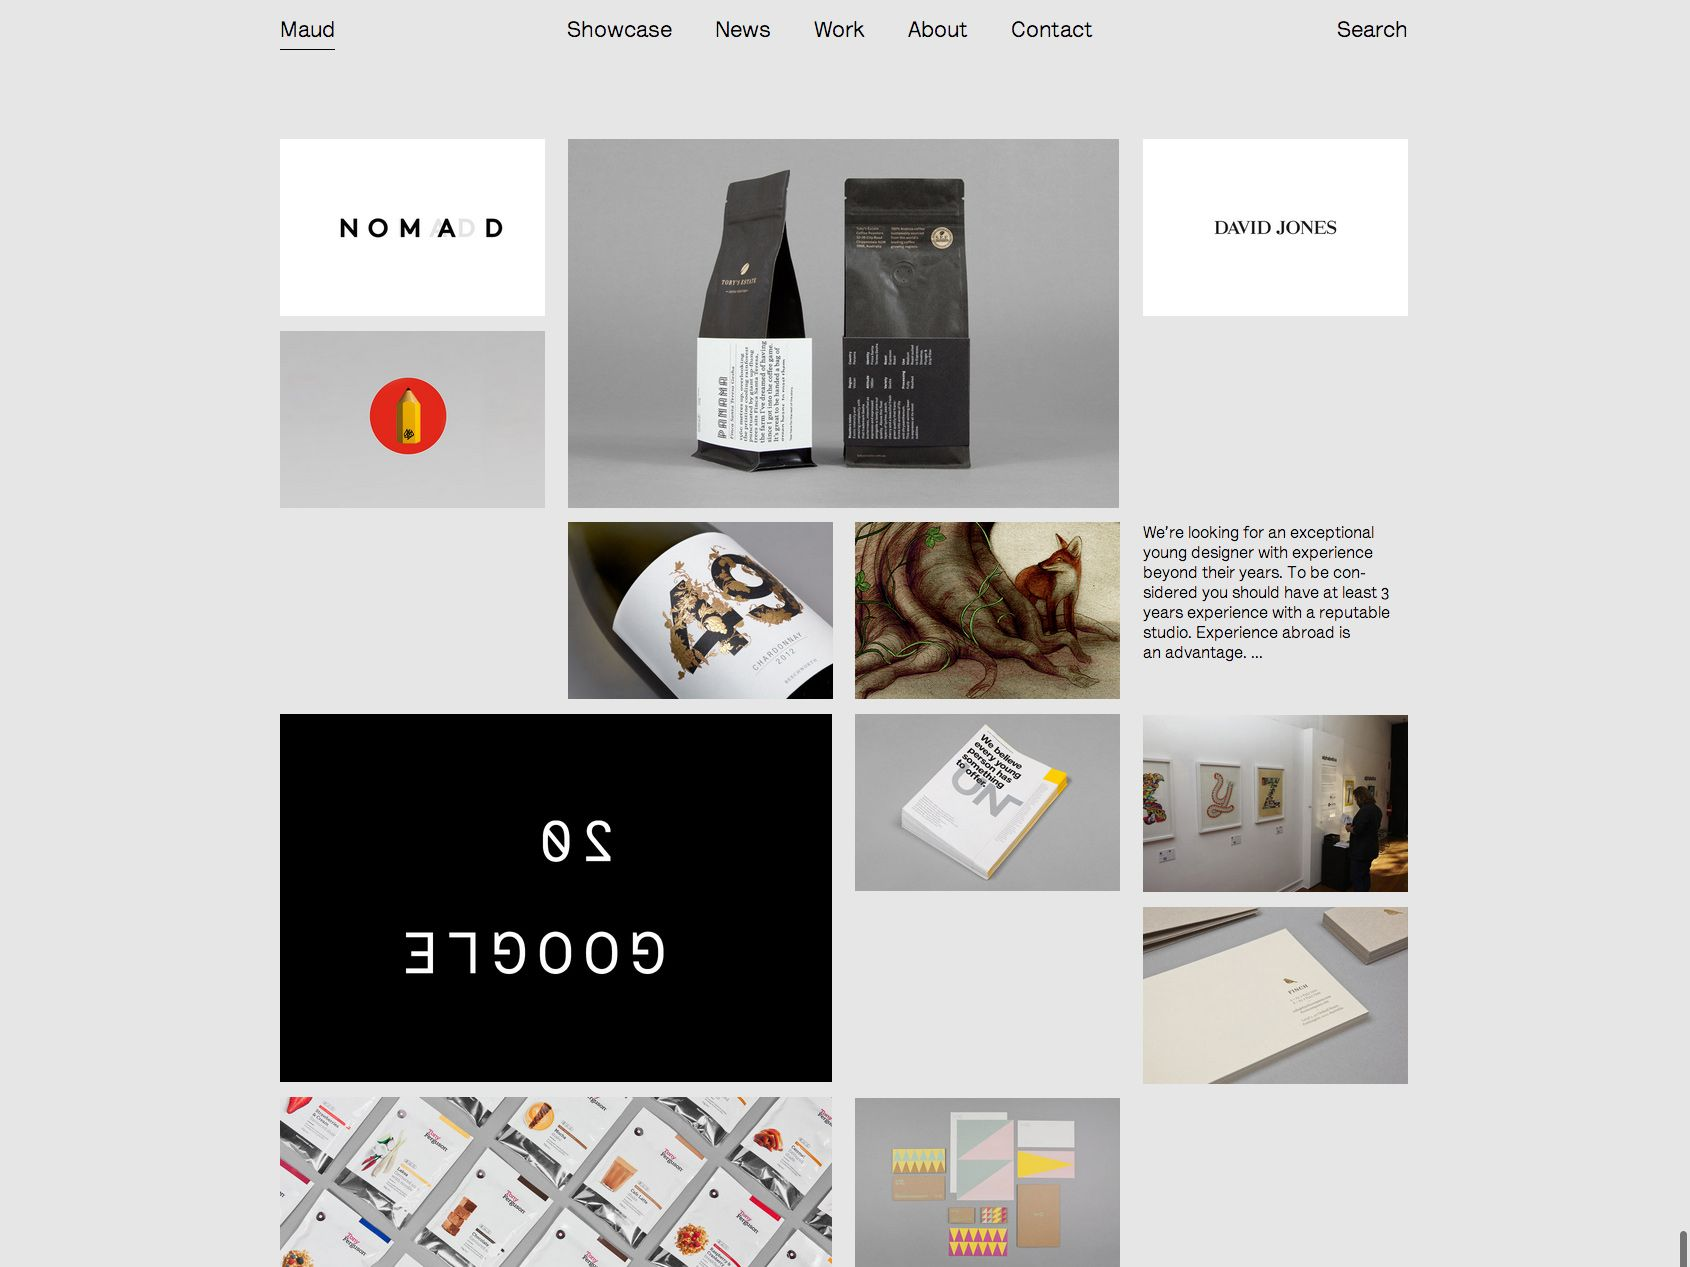 Maud home page